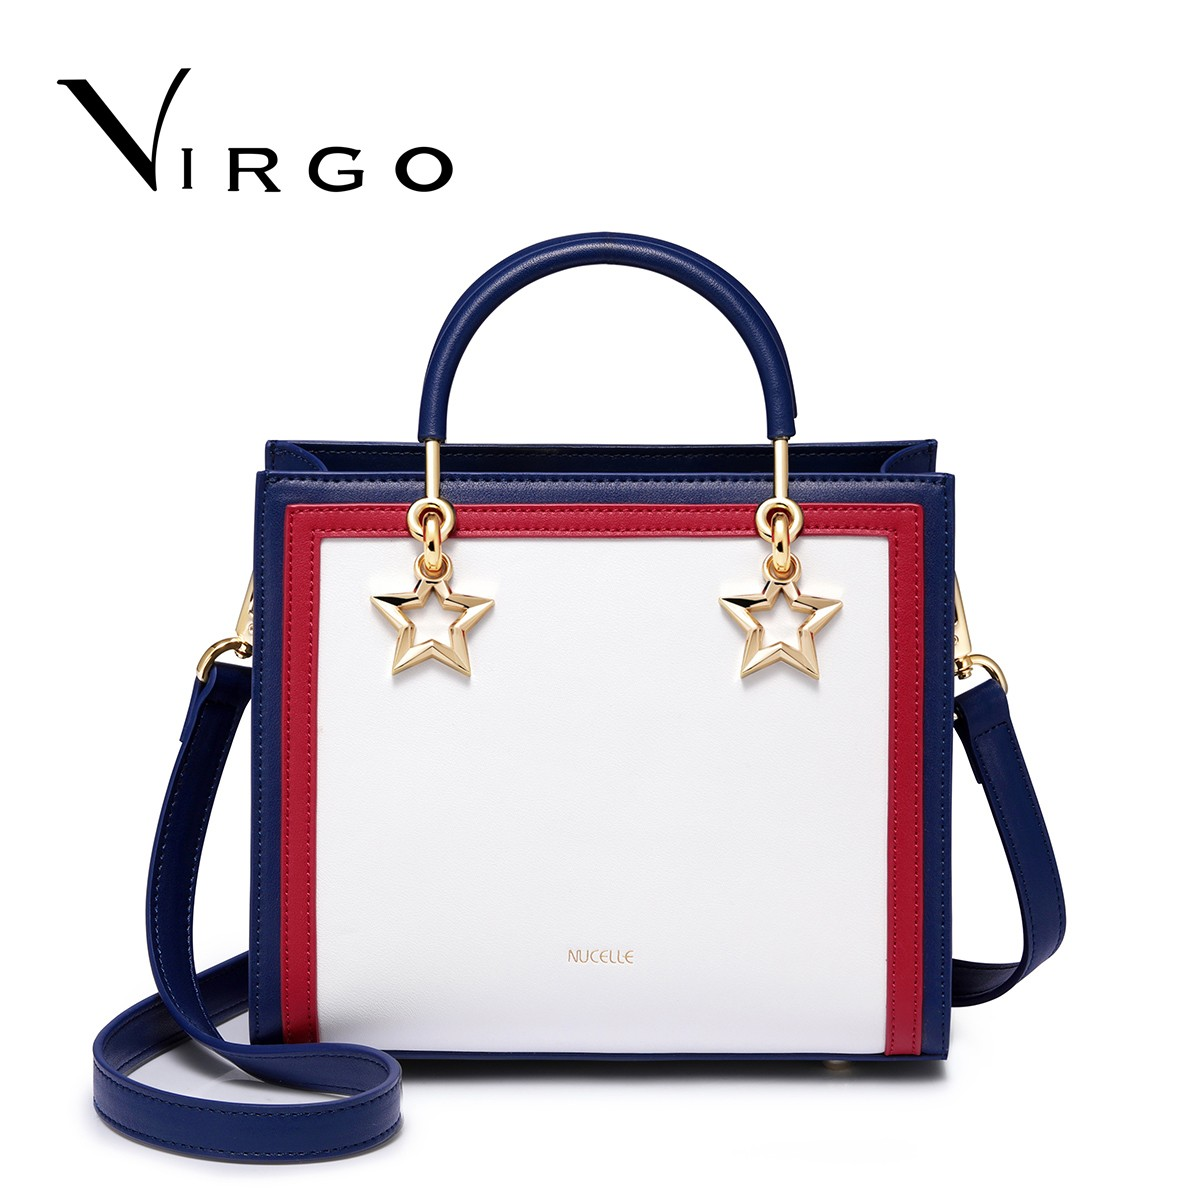 Túi xách Hàn Quốc Nucelle Virgo VG452